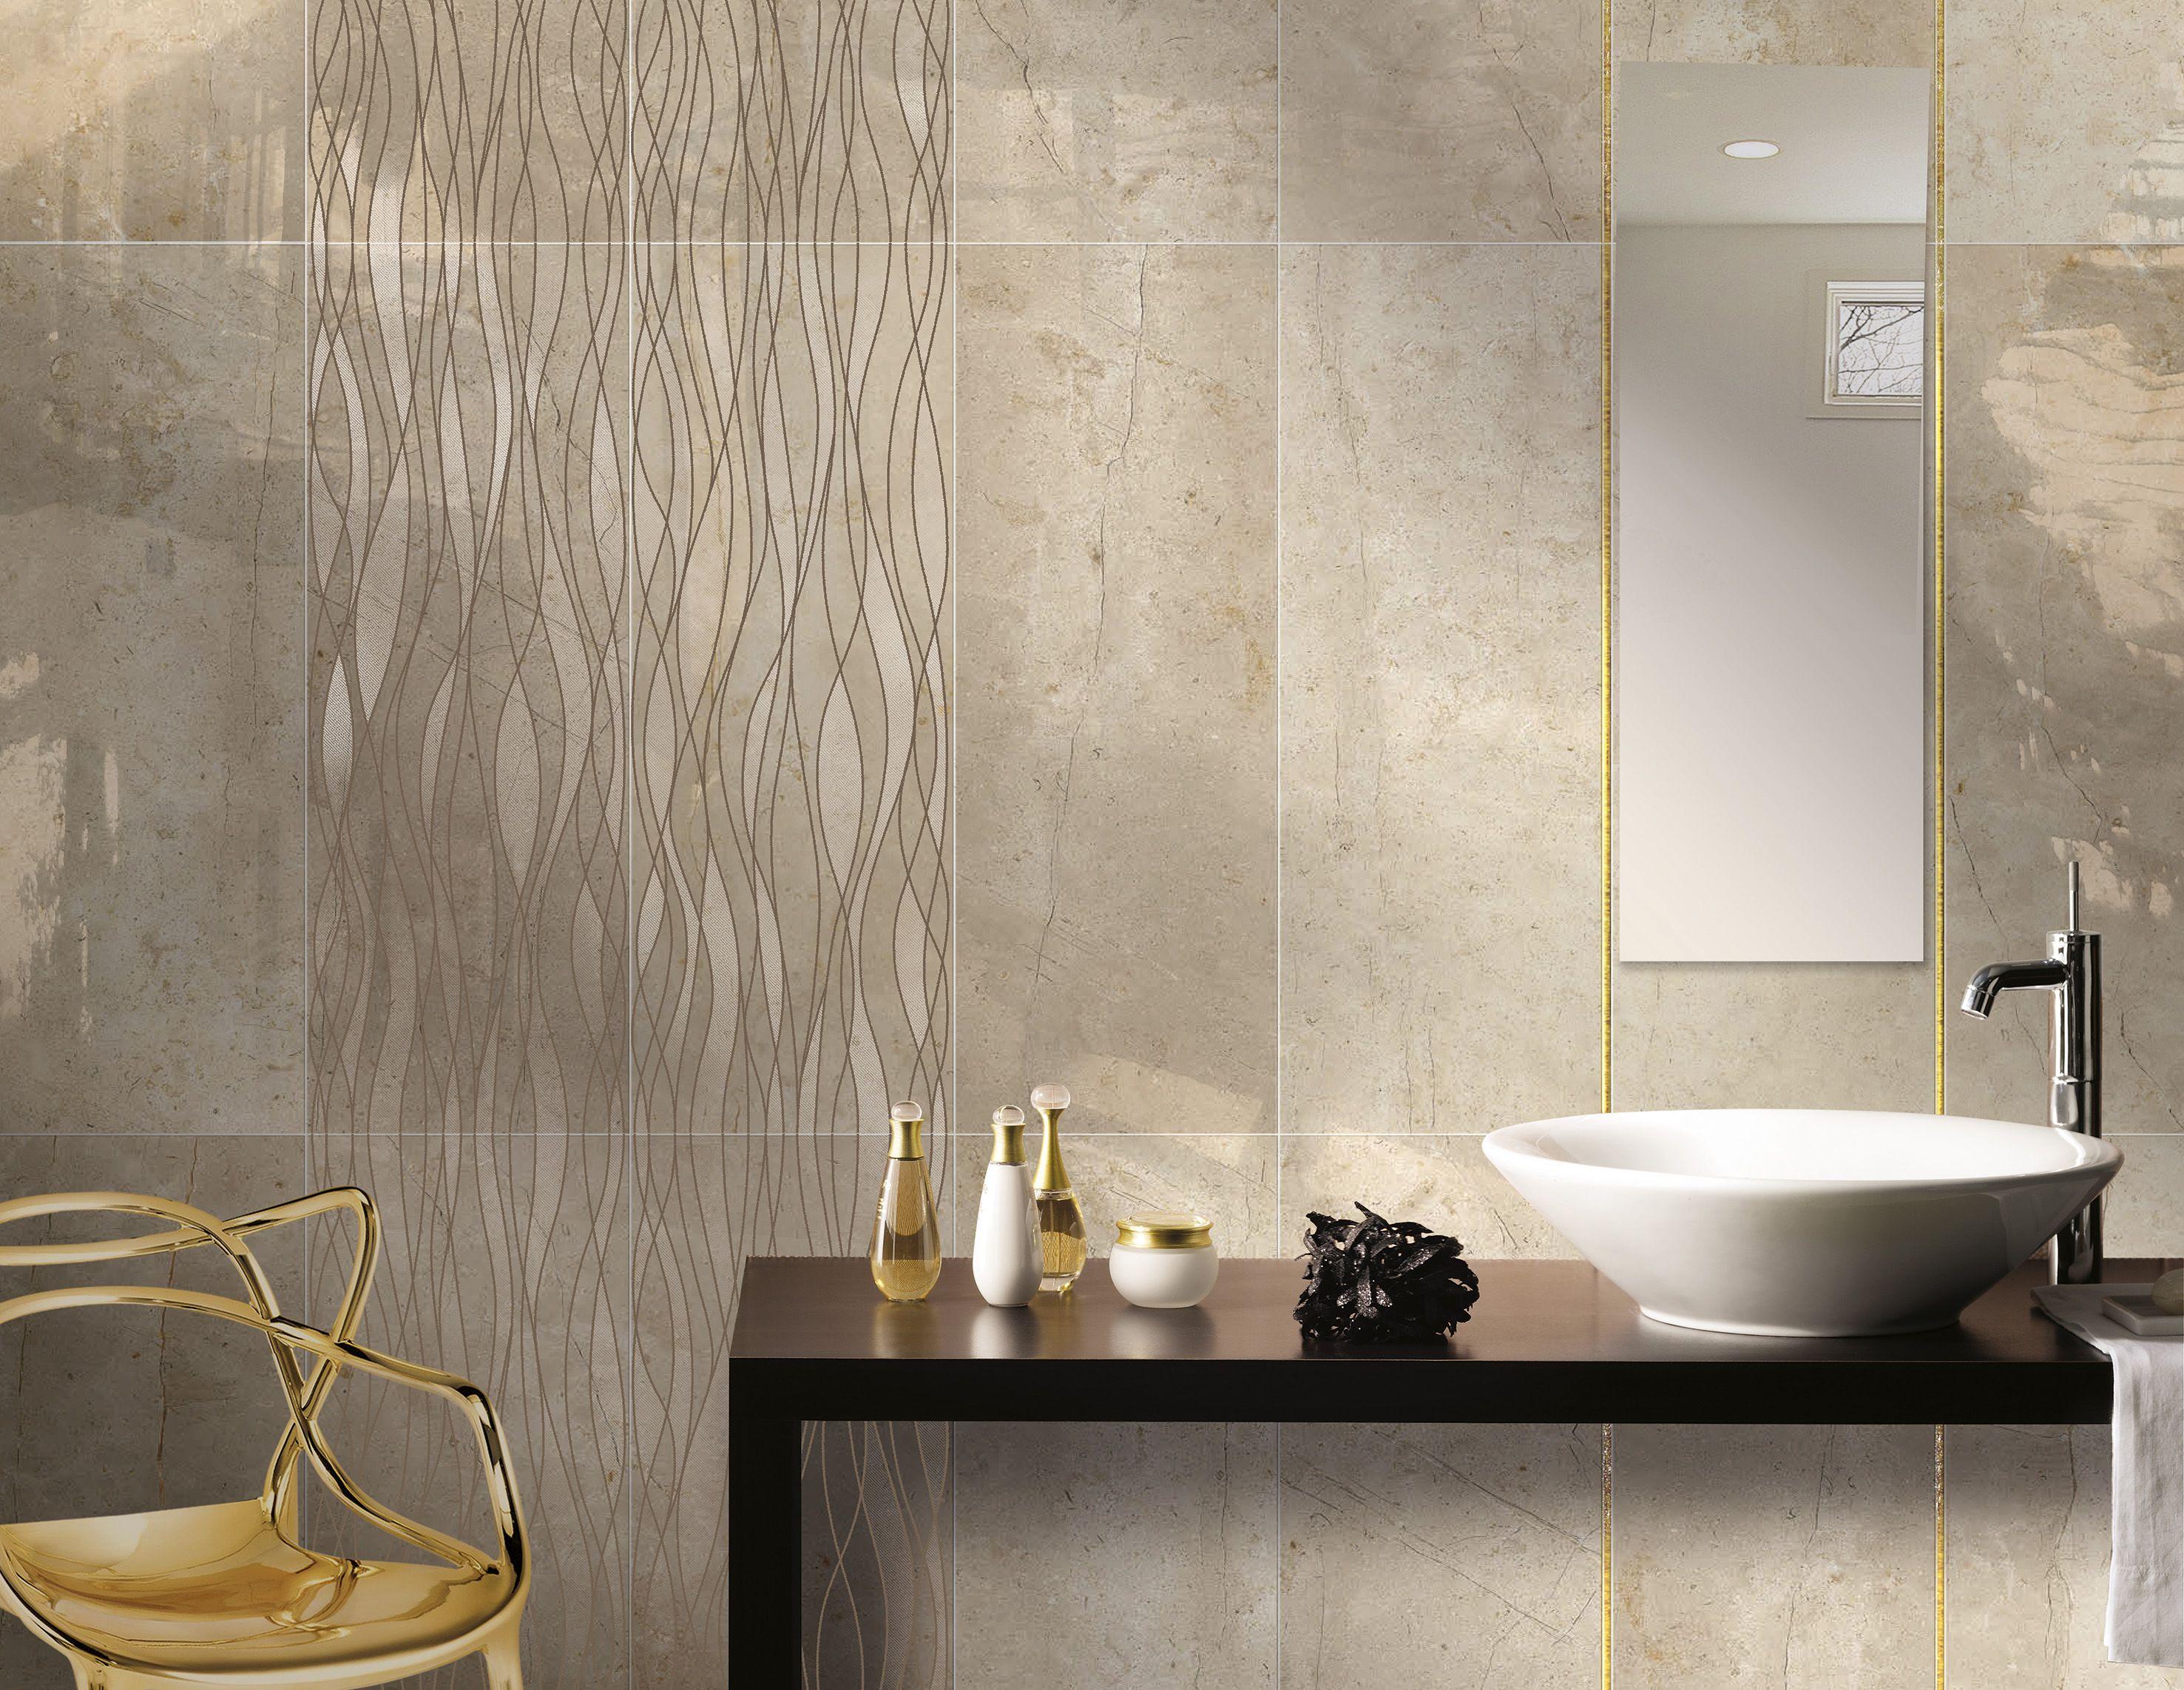 Absolute plus ceramiche brennero spa piastrelle h tile system con